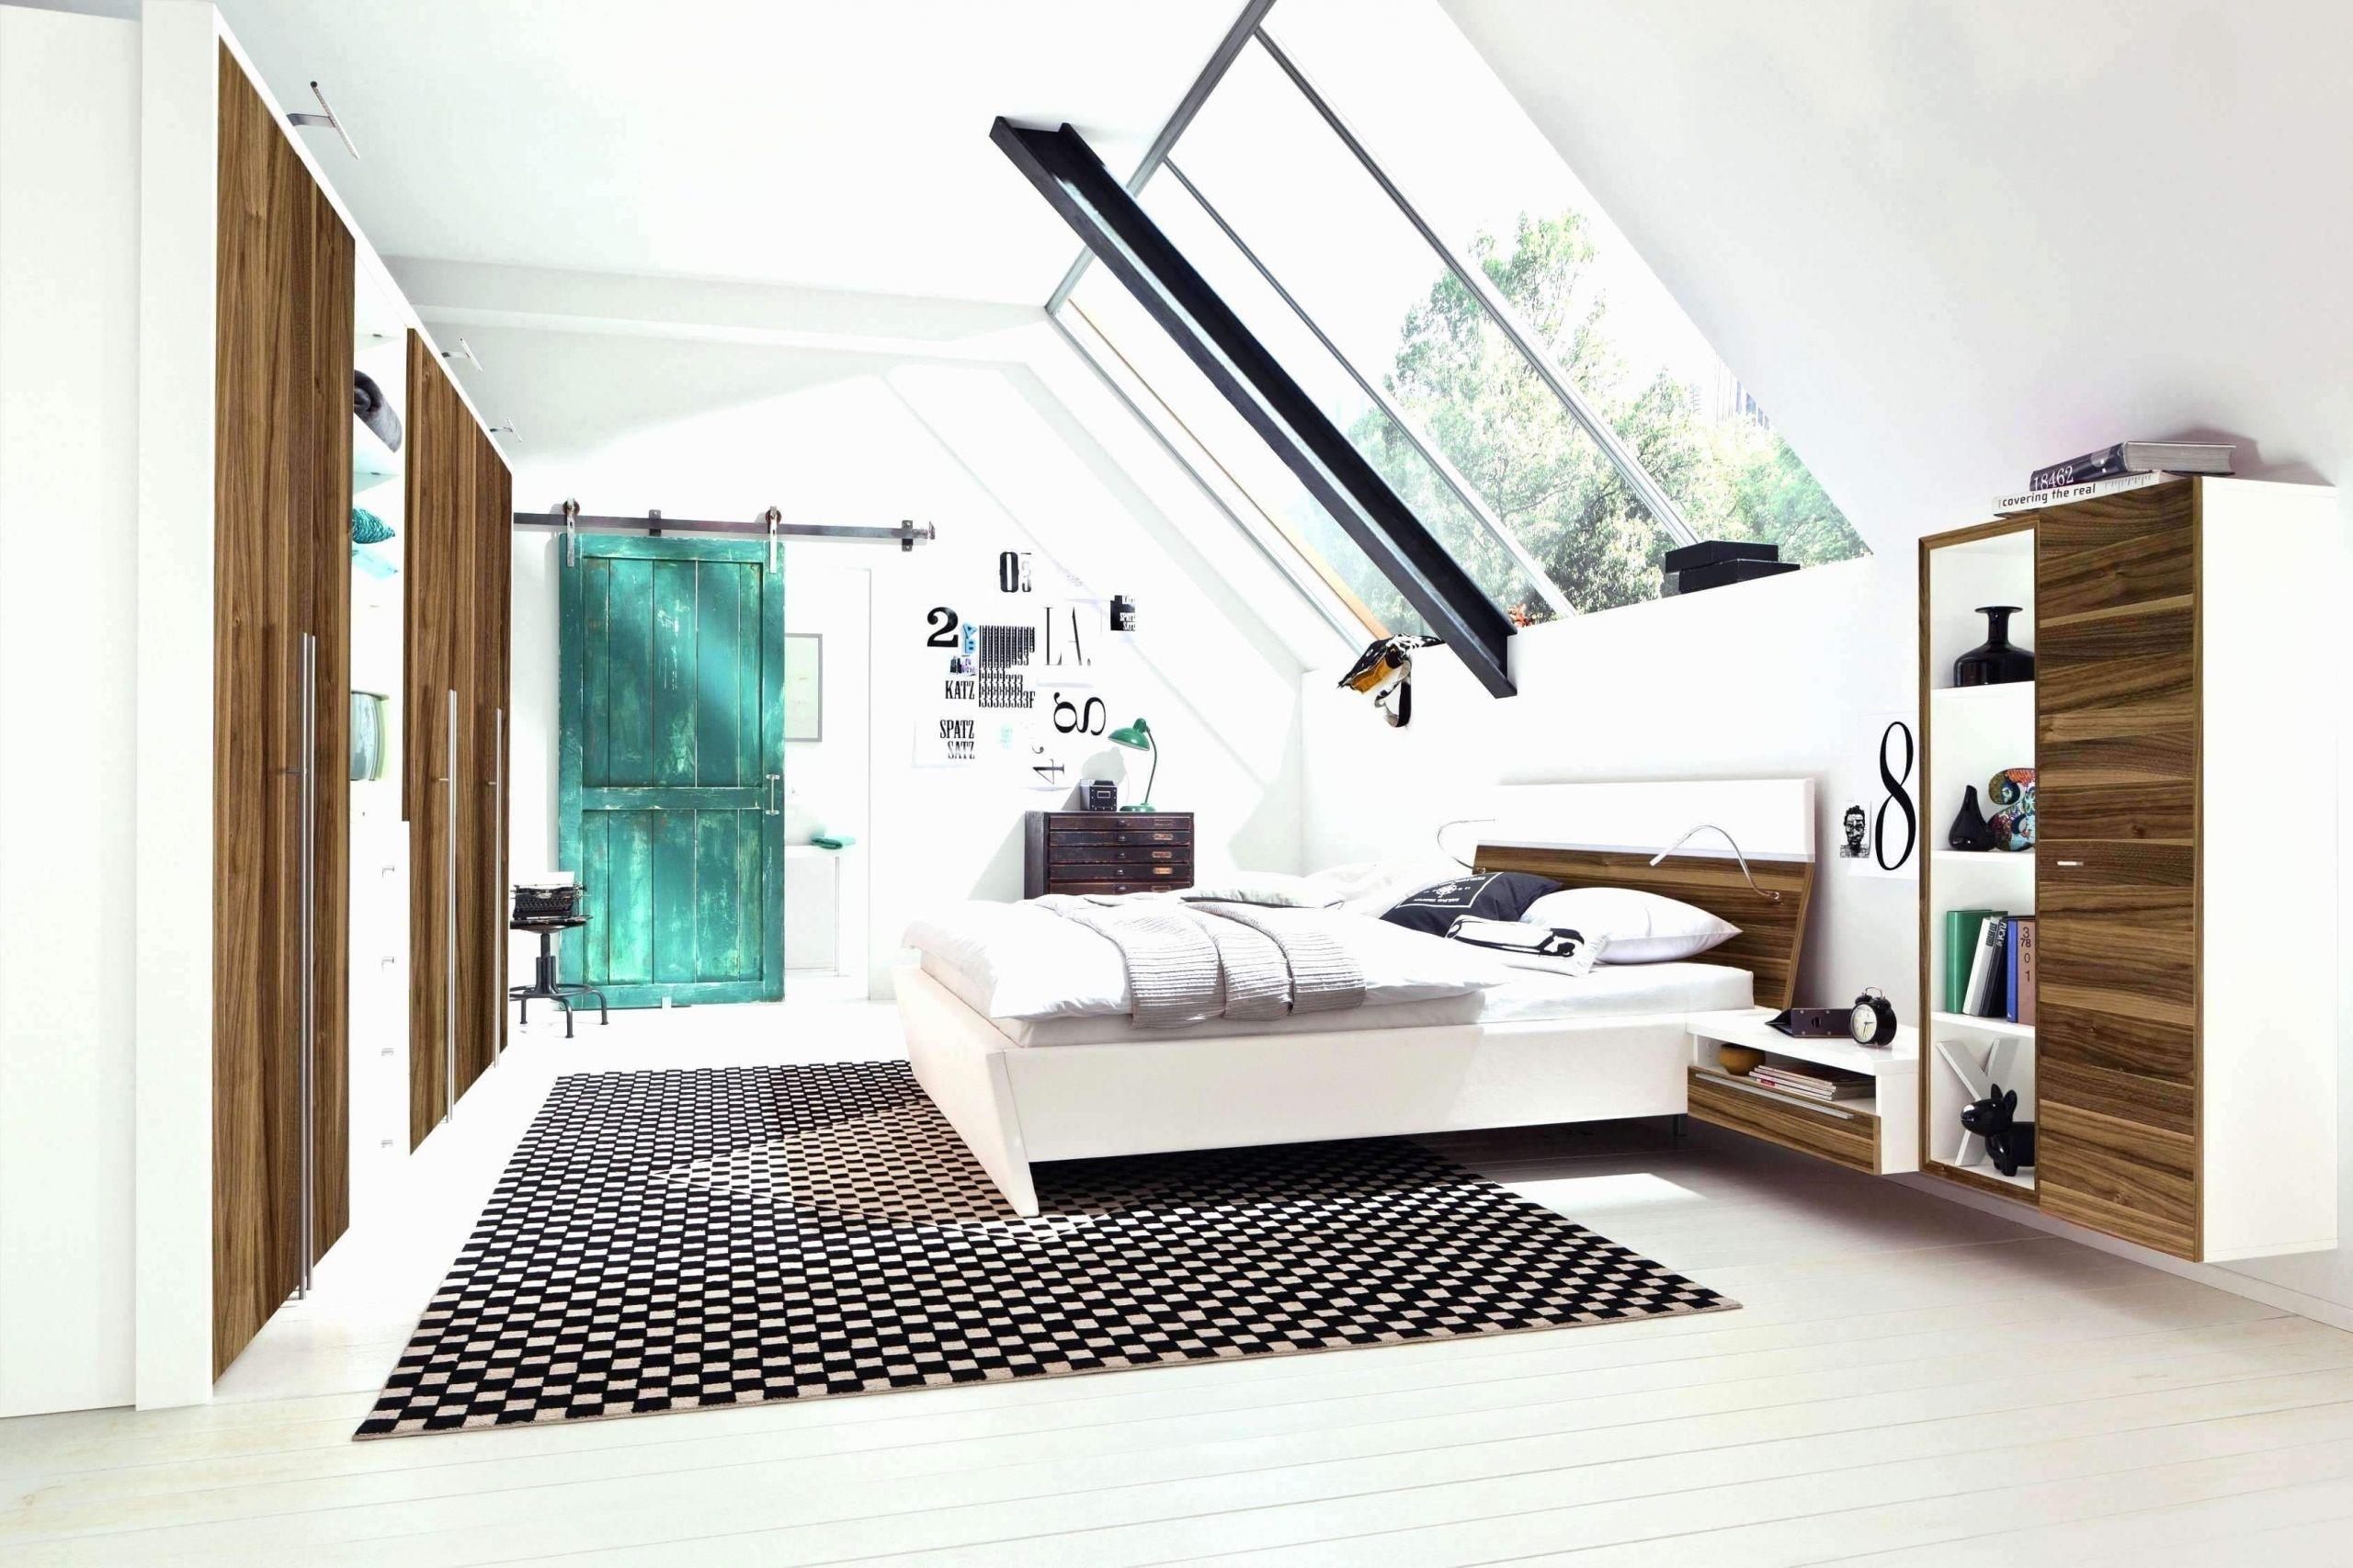 Full Size of Regal Schlafzimmer Dekoration Wohnzimmer Luxus 35 Einzigartig Inspiration Stuhl Komplettangebote Holz Regale Hamburg Landhaus Klimagerät Für Komplett Schlafzimmer Regal Schlafzimmer